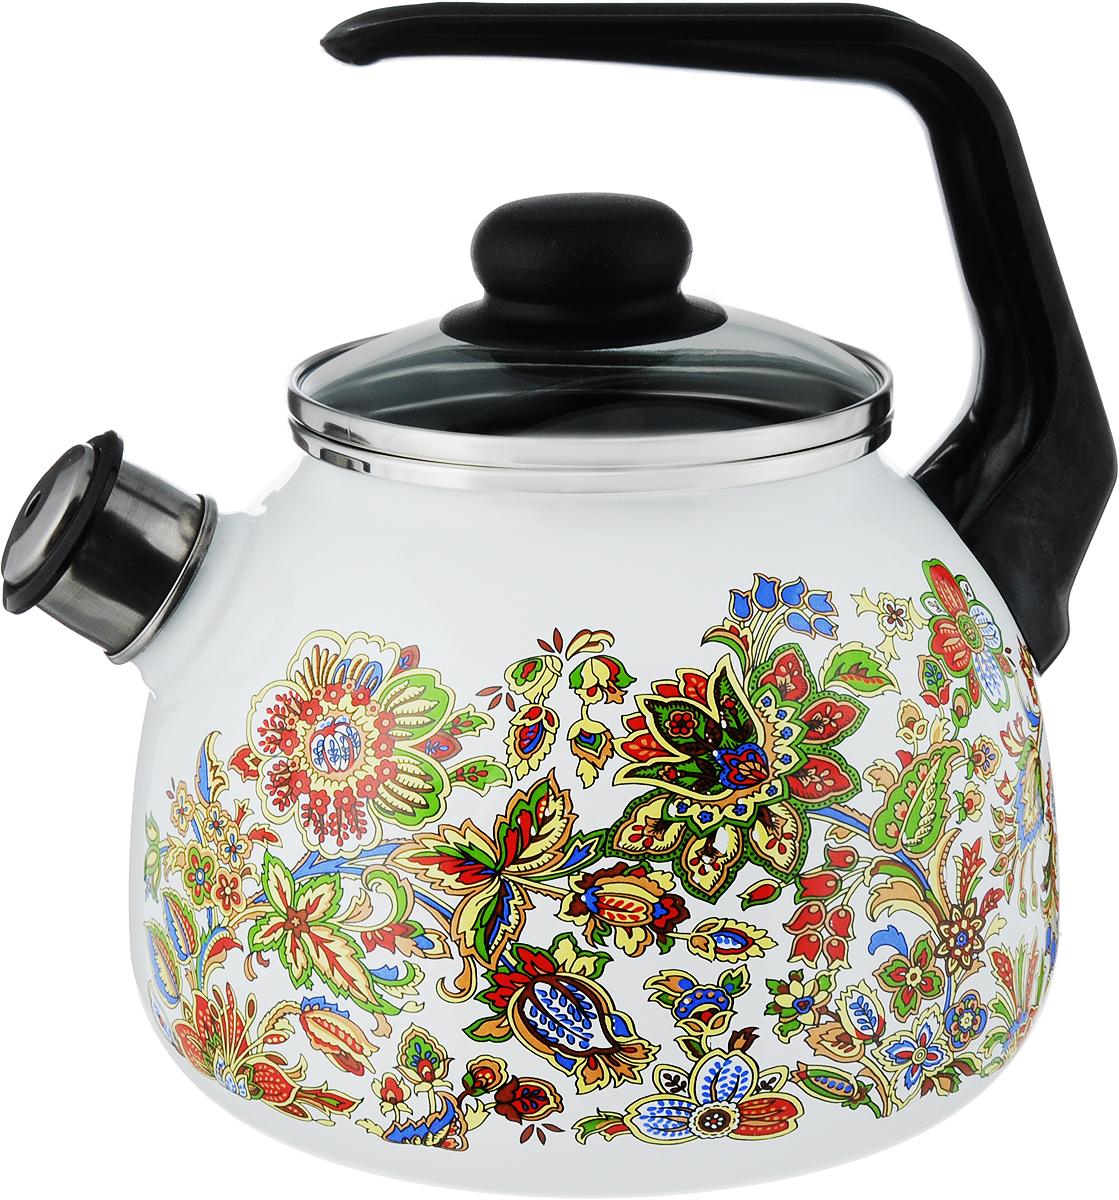 Чайник Vitross  Imperio , со свистком, 3 л - Посуда для приготовления